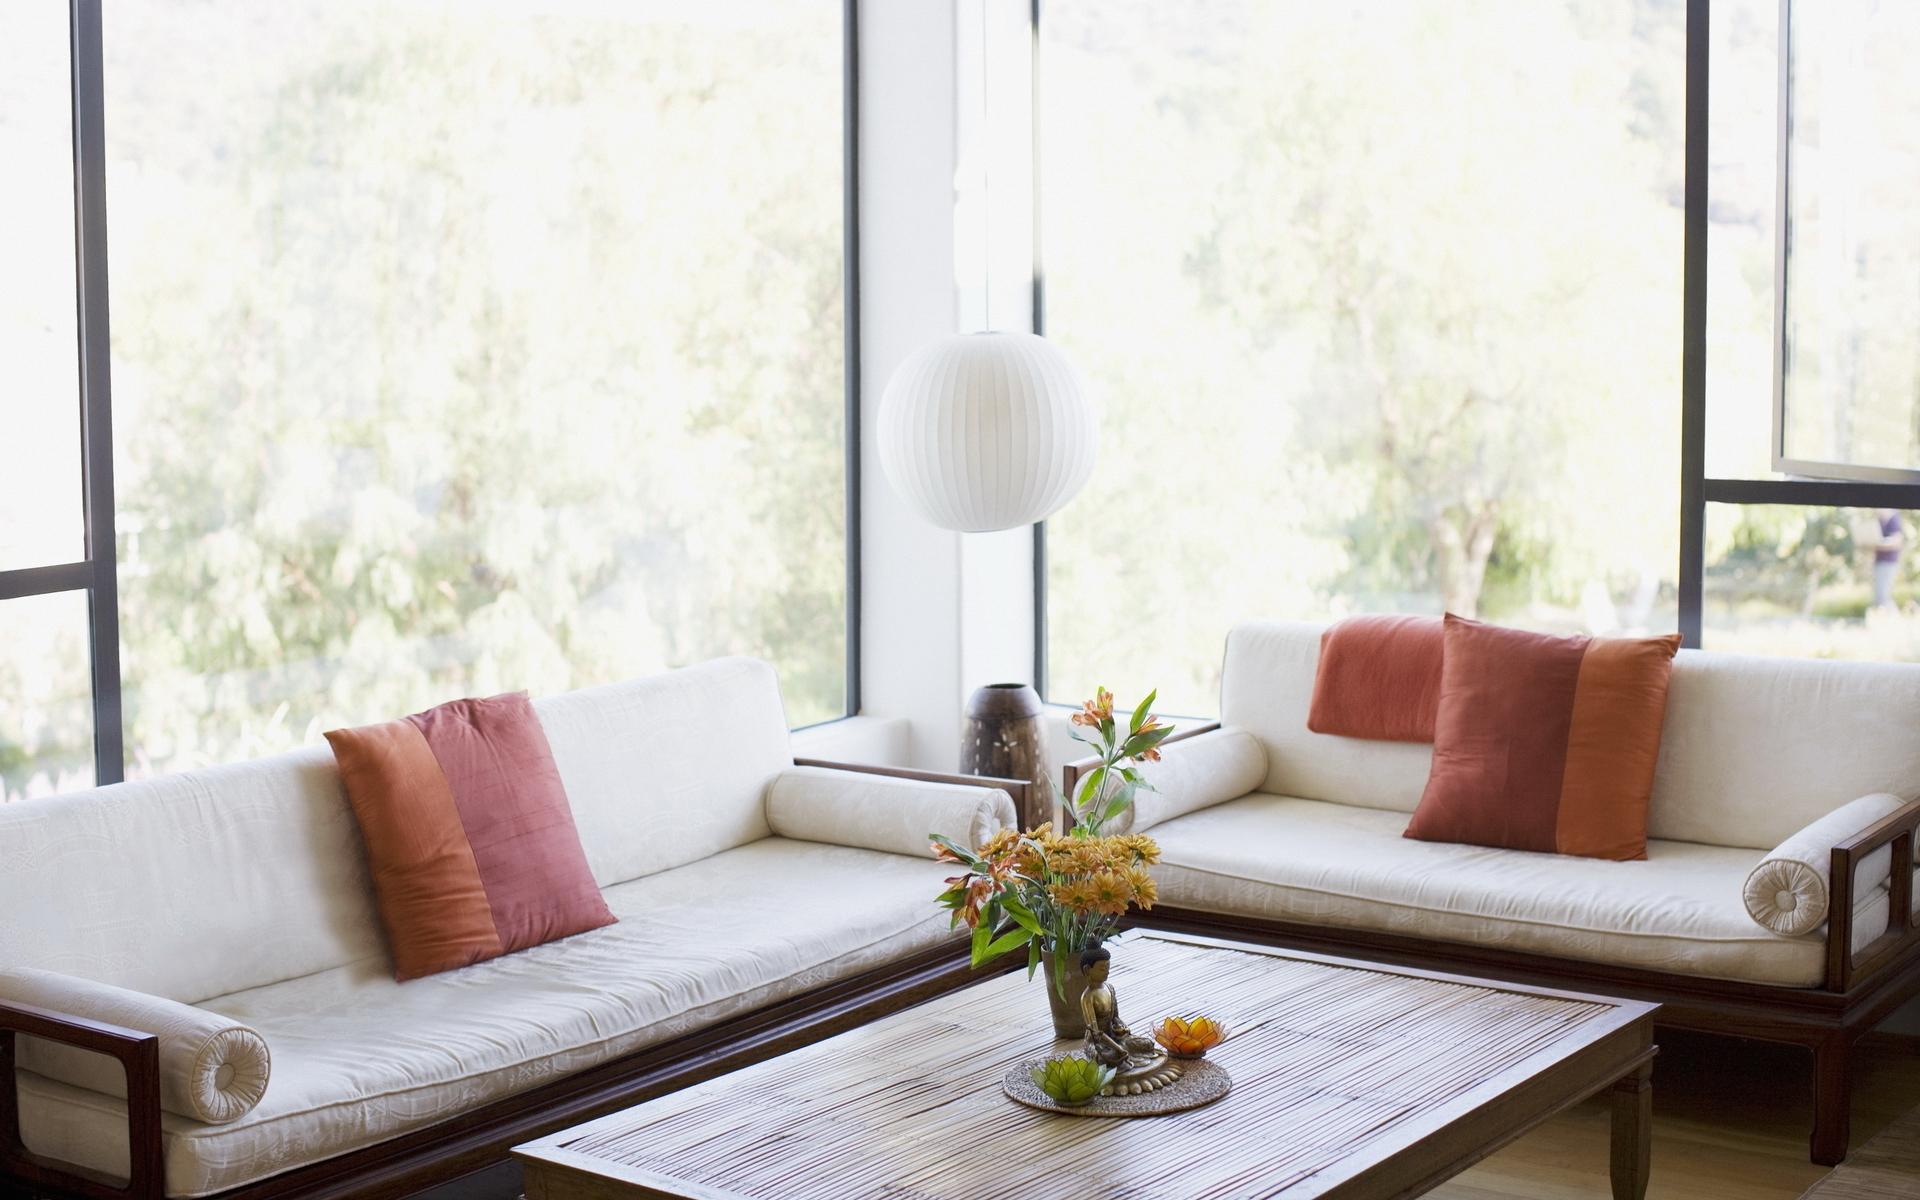 интерьер диван комната  № 3531357  скачать